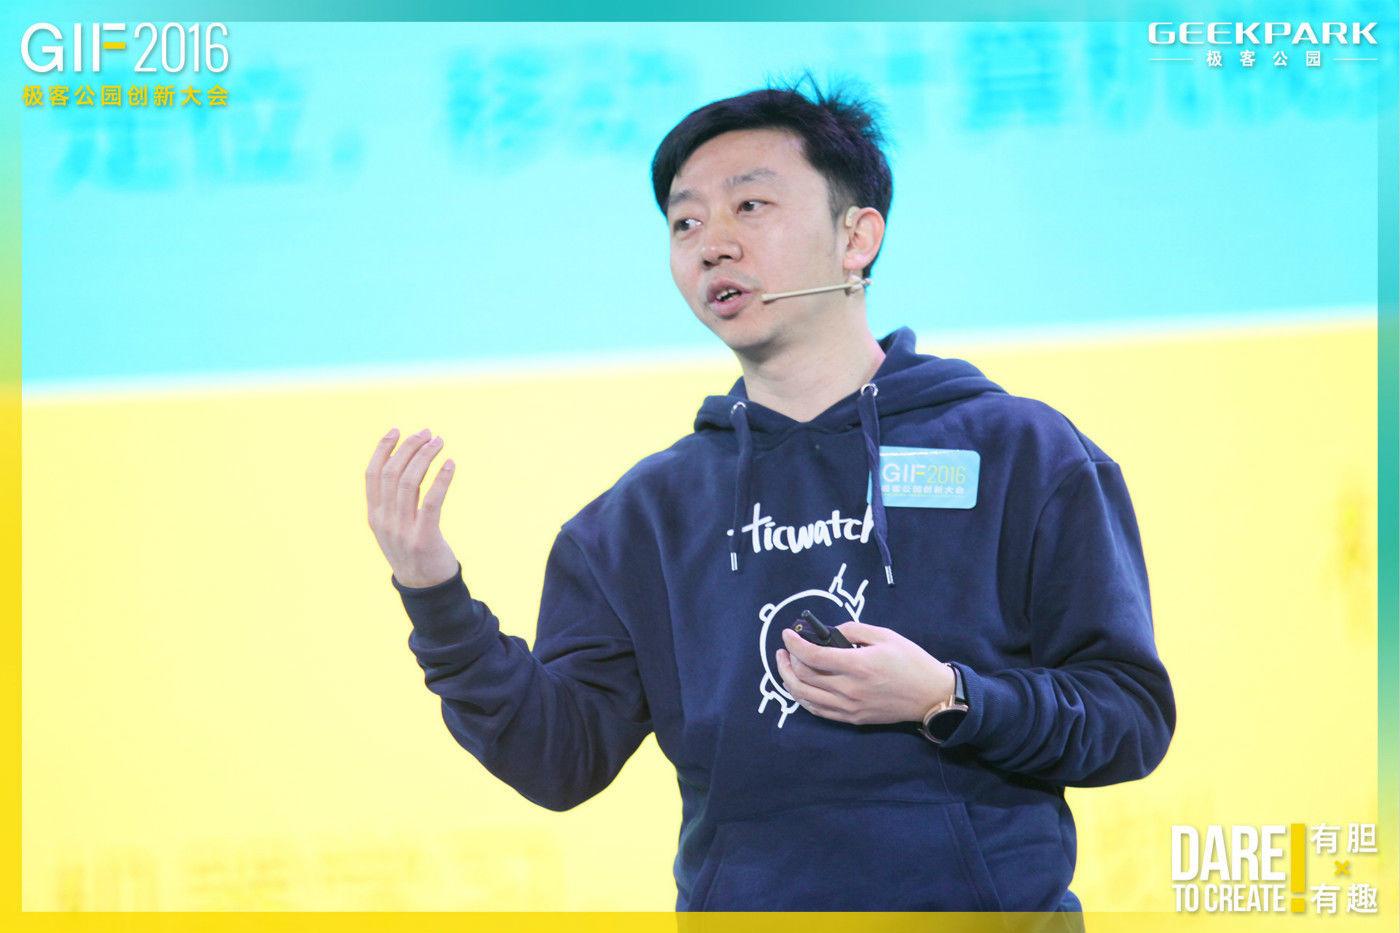 出门问问李志飞:过去七十年,人工智能经历了什么?